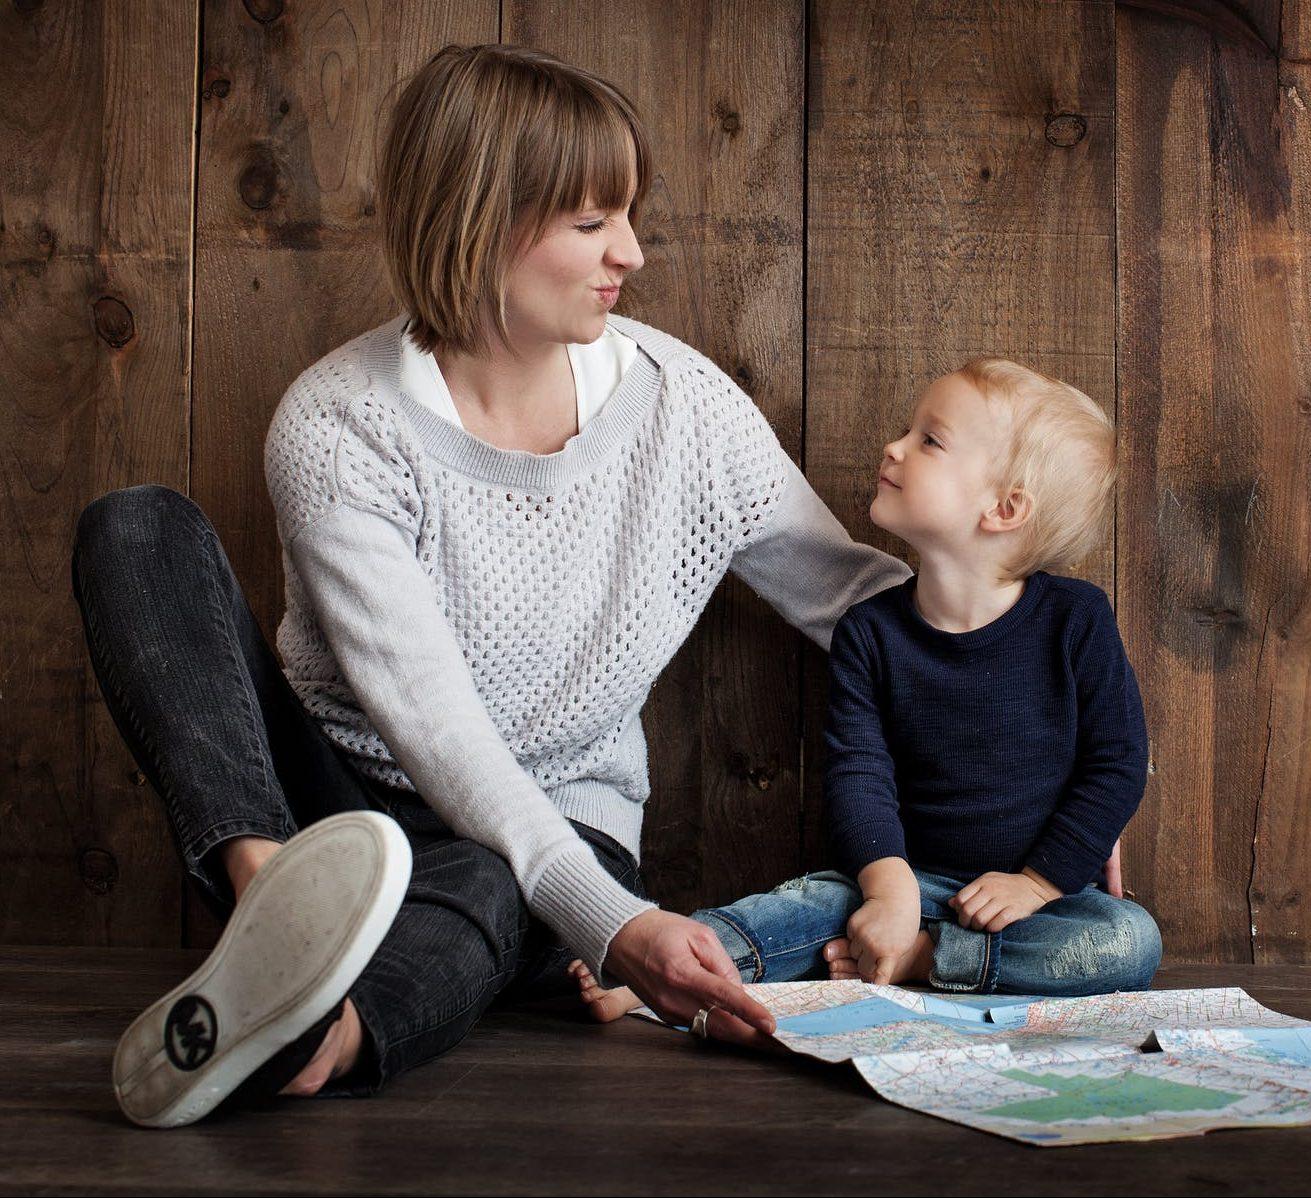 tal mindre, tal med dit barn, samtale med børn, forældre samtaler med børn, forældre, forældrerådgivning, børn, børneopdragelse, barn, barndom, gladebørn, sundebørn, naturligopdragelse